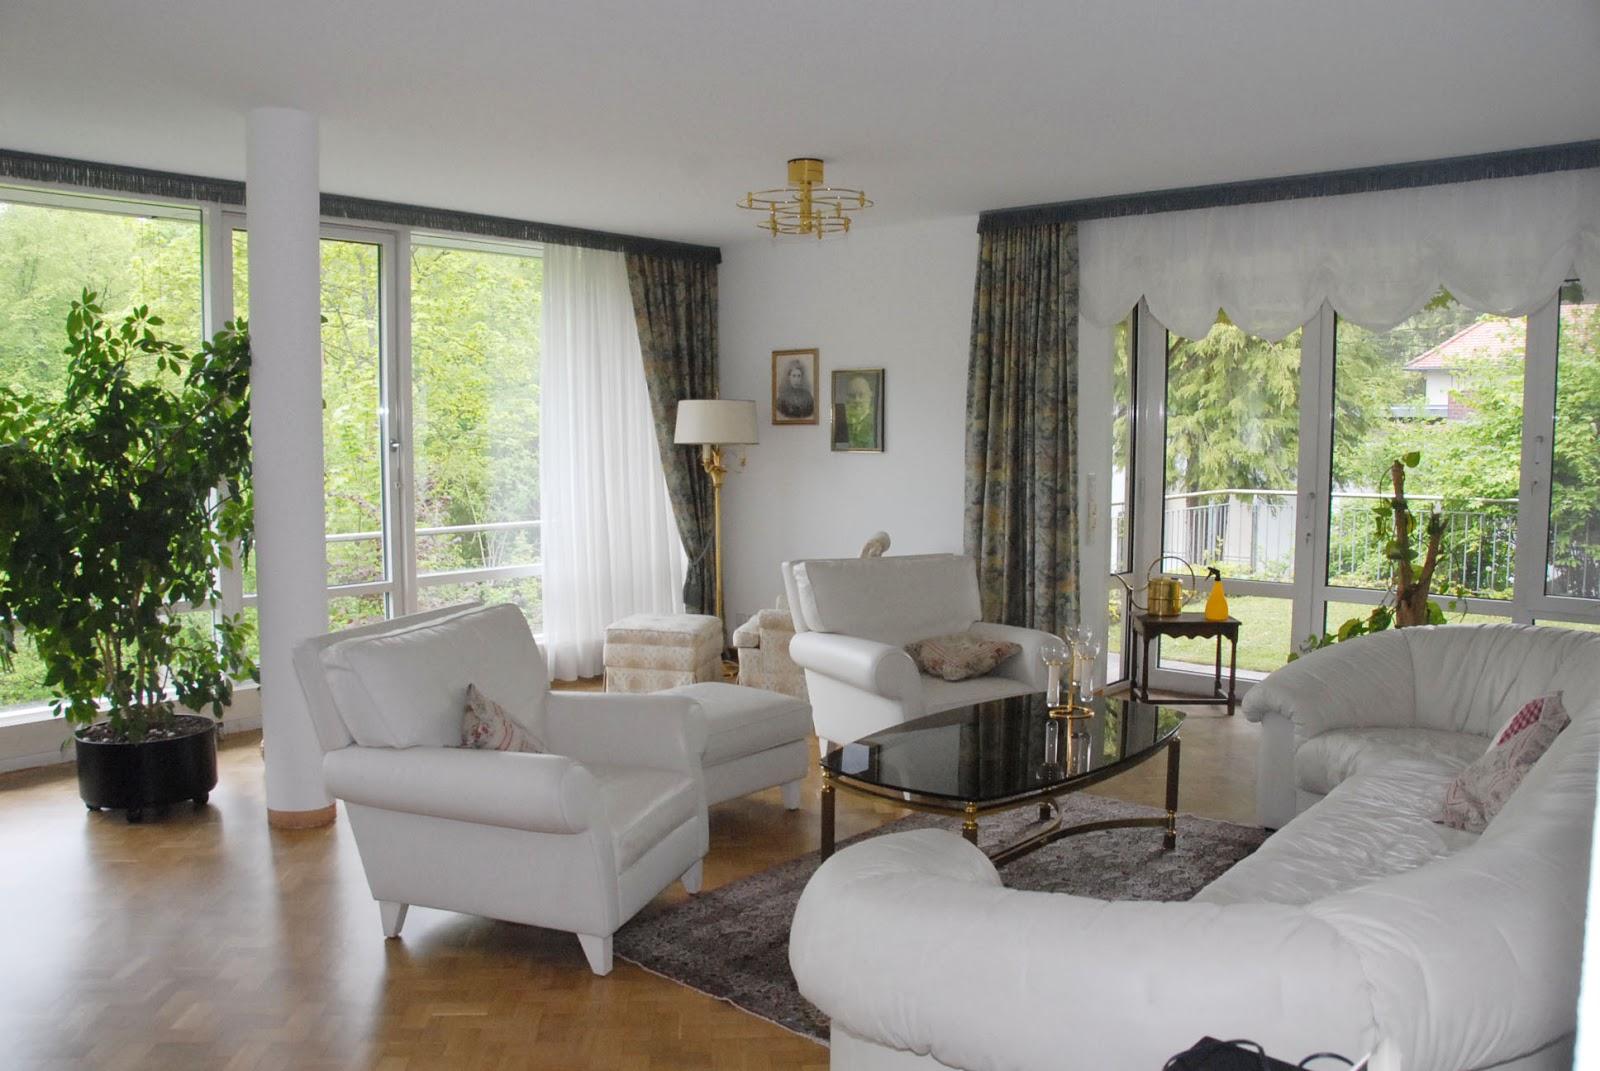 wohnzimmer würzburg - Home Creation